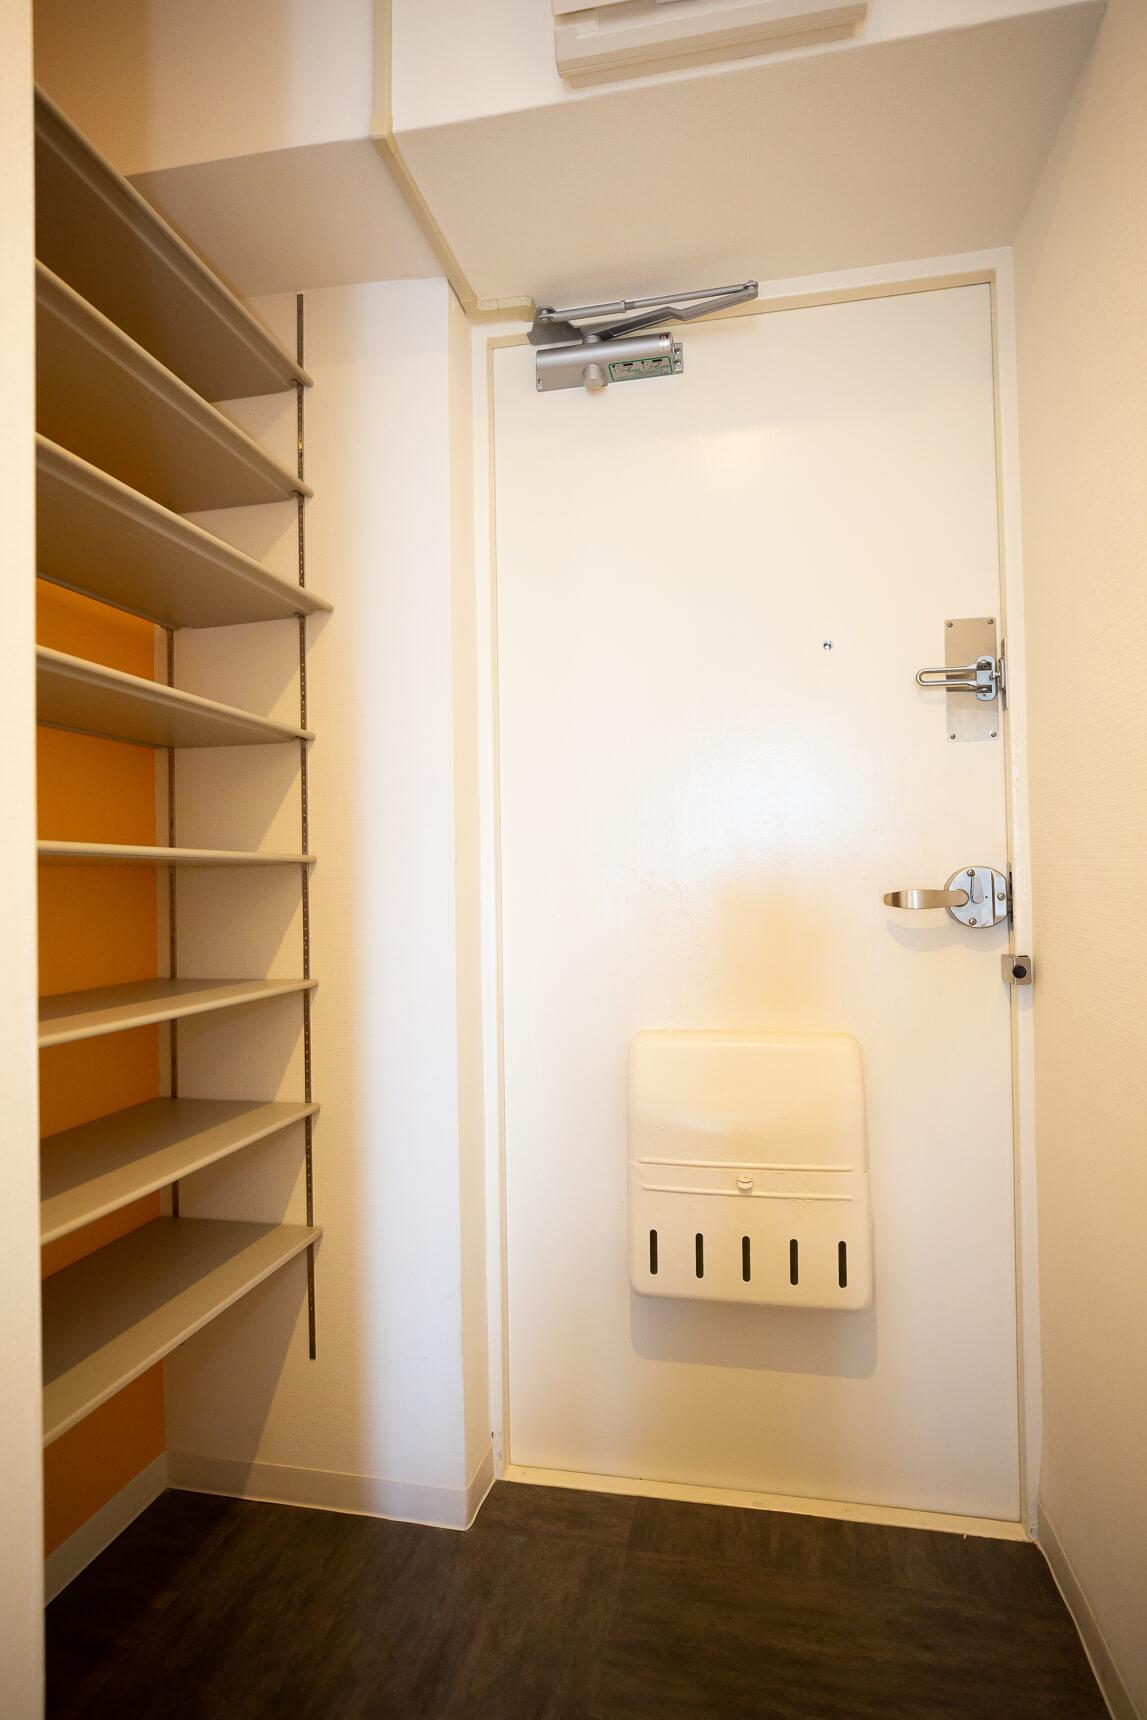 玄関は、棚をはずせるオープンなタイプのシューズクローゼット。棚板を外せば、ベビーカーを置くことも可能です。